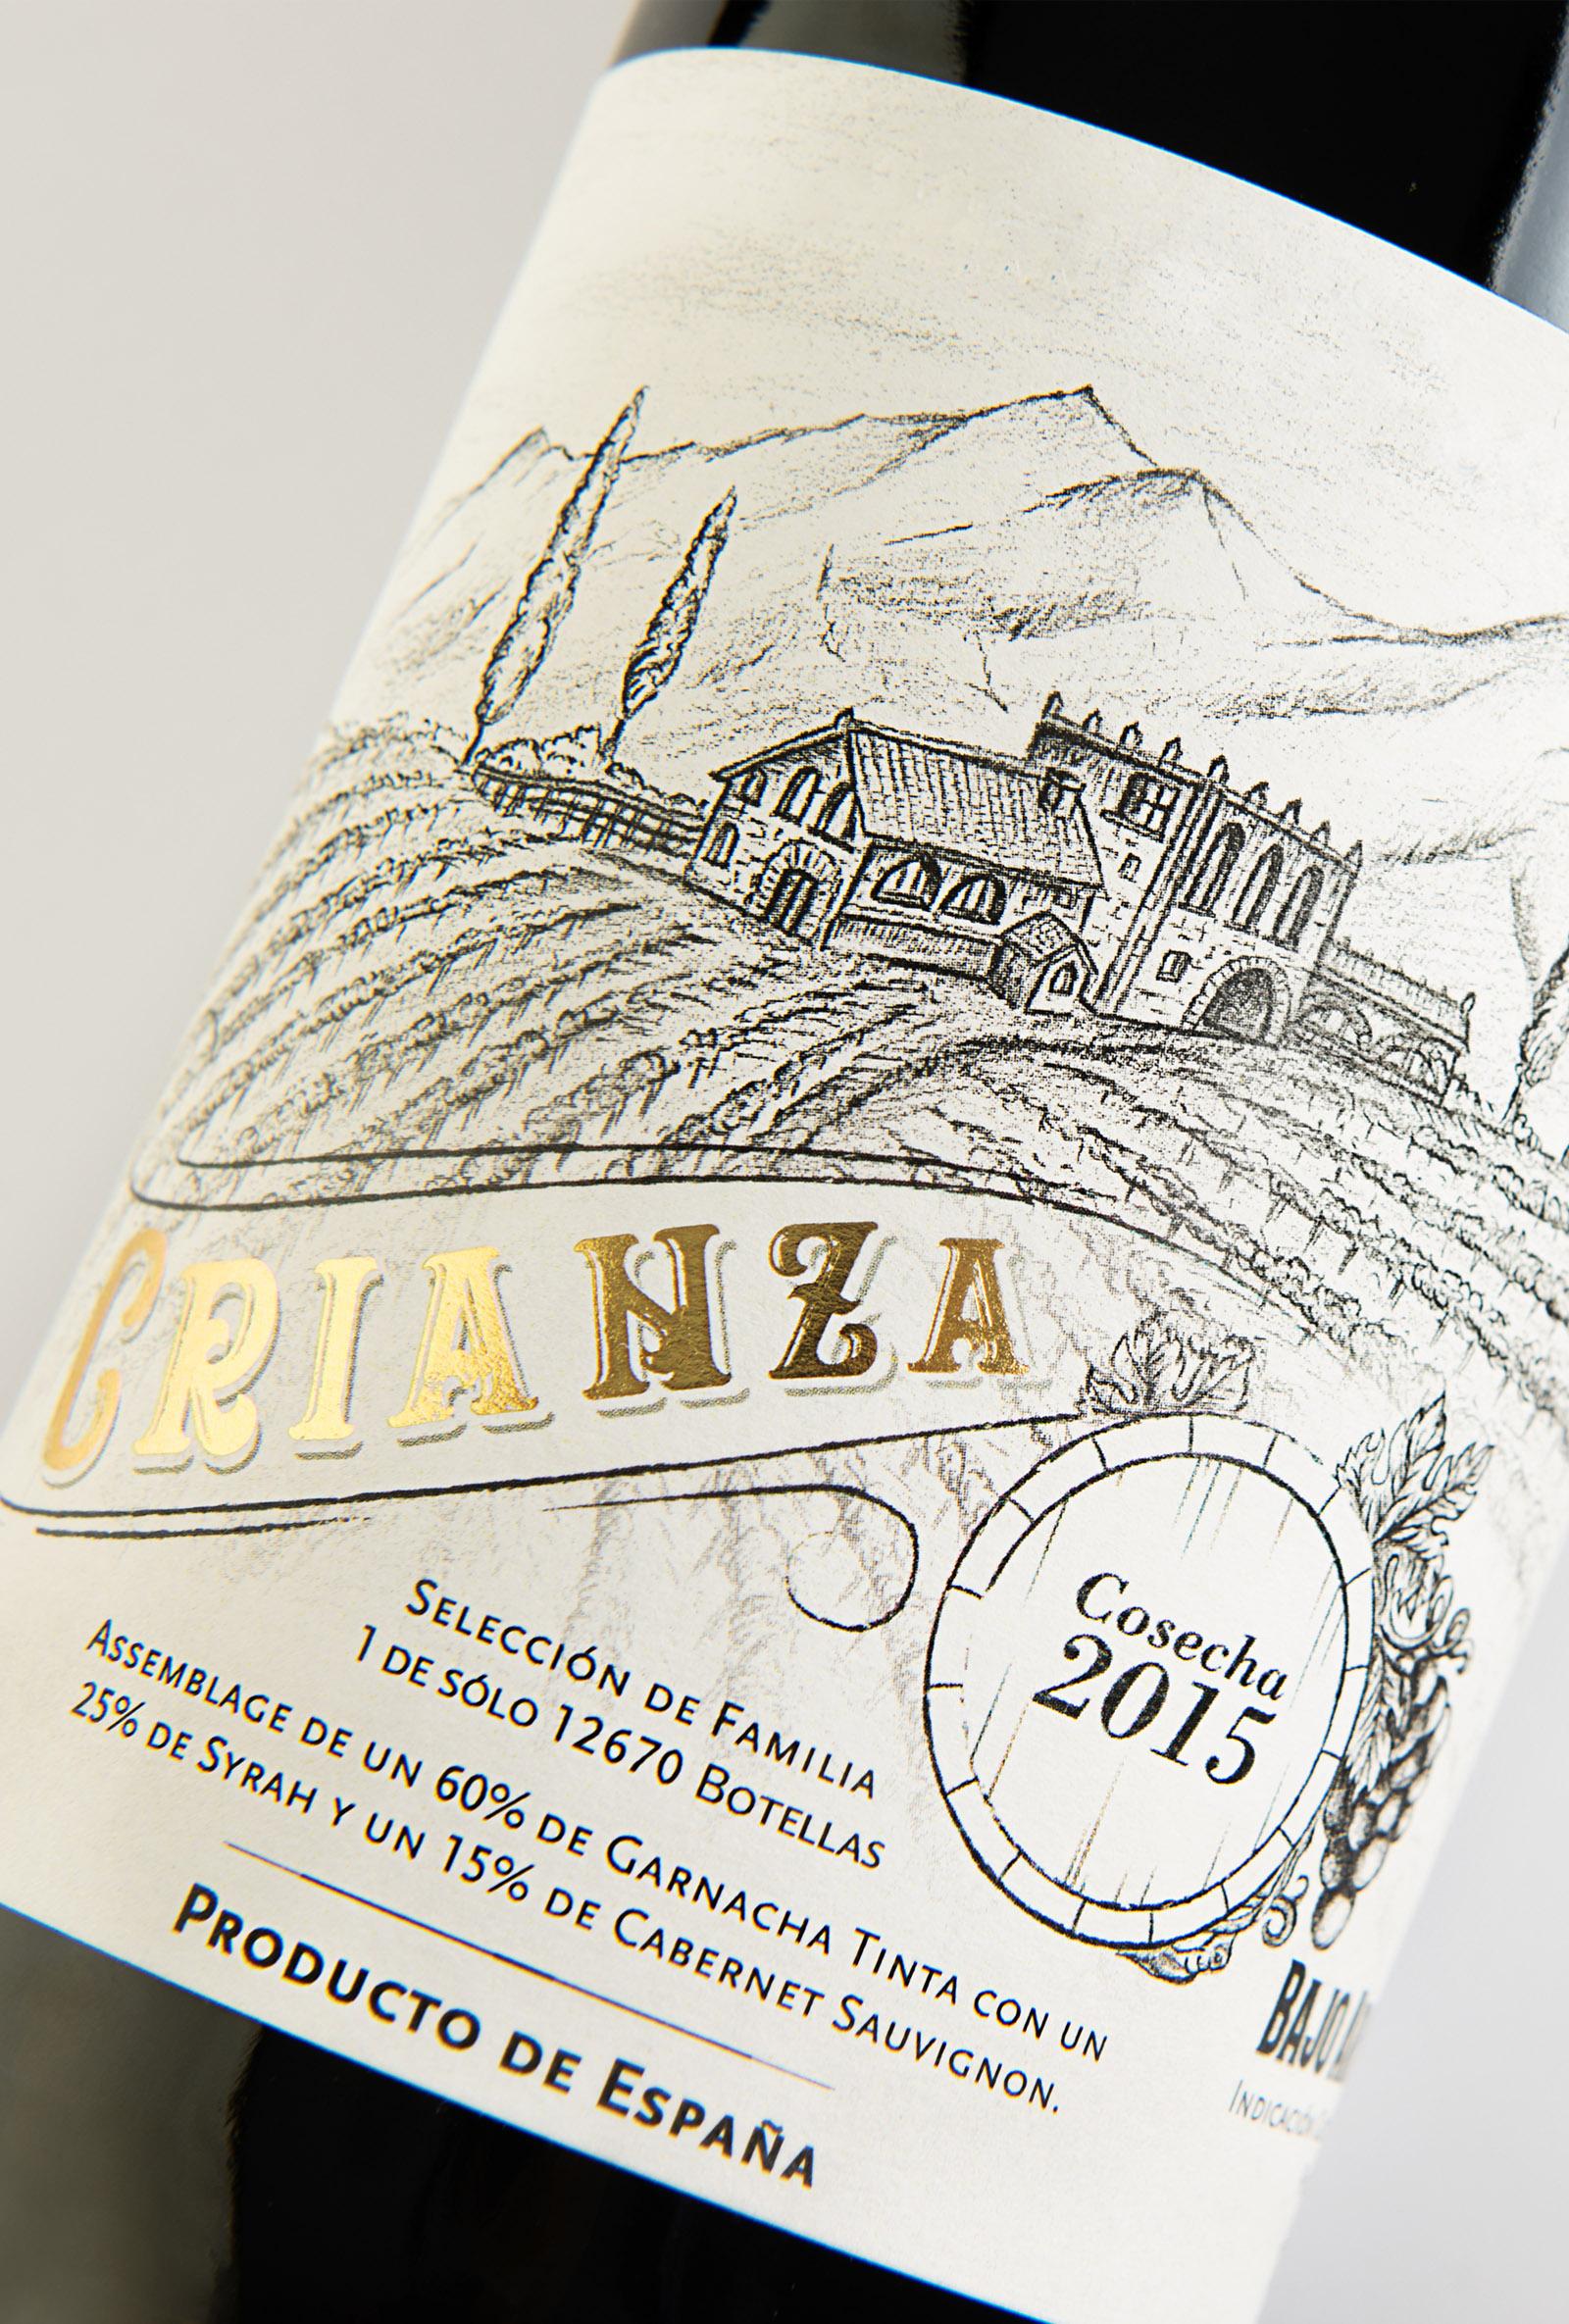 Vino Crianza, Diseño de etiqueta de vino tinto, etiqueta co stamping dorado, dibujo a carboncillo